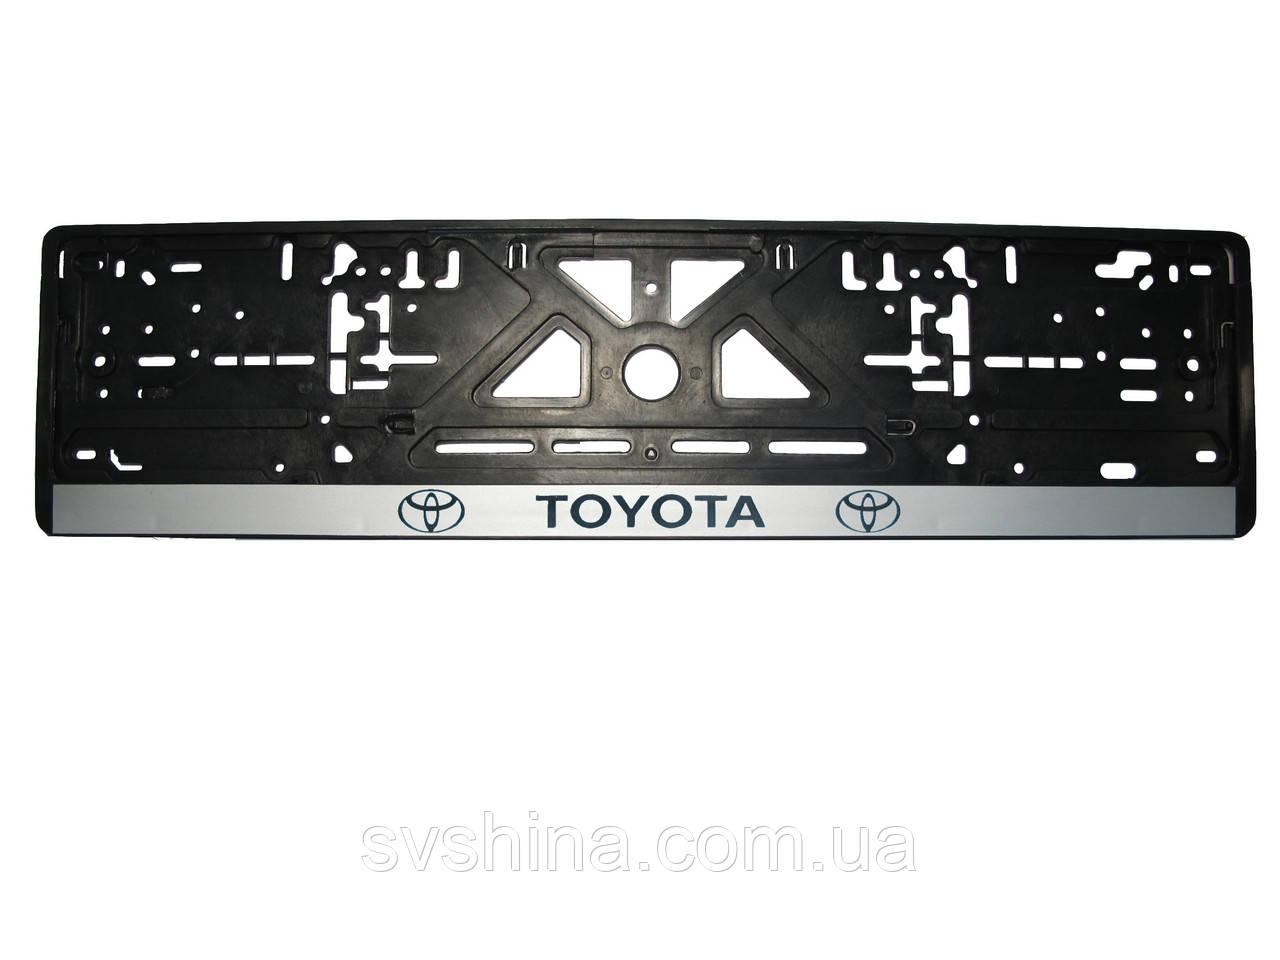 Рамка номерного знака Toyota 1шт